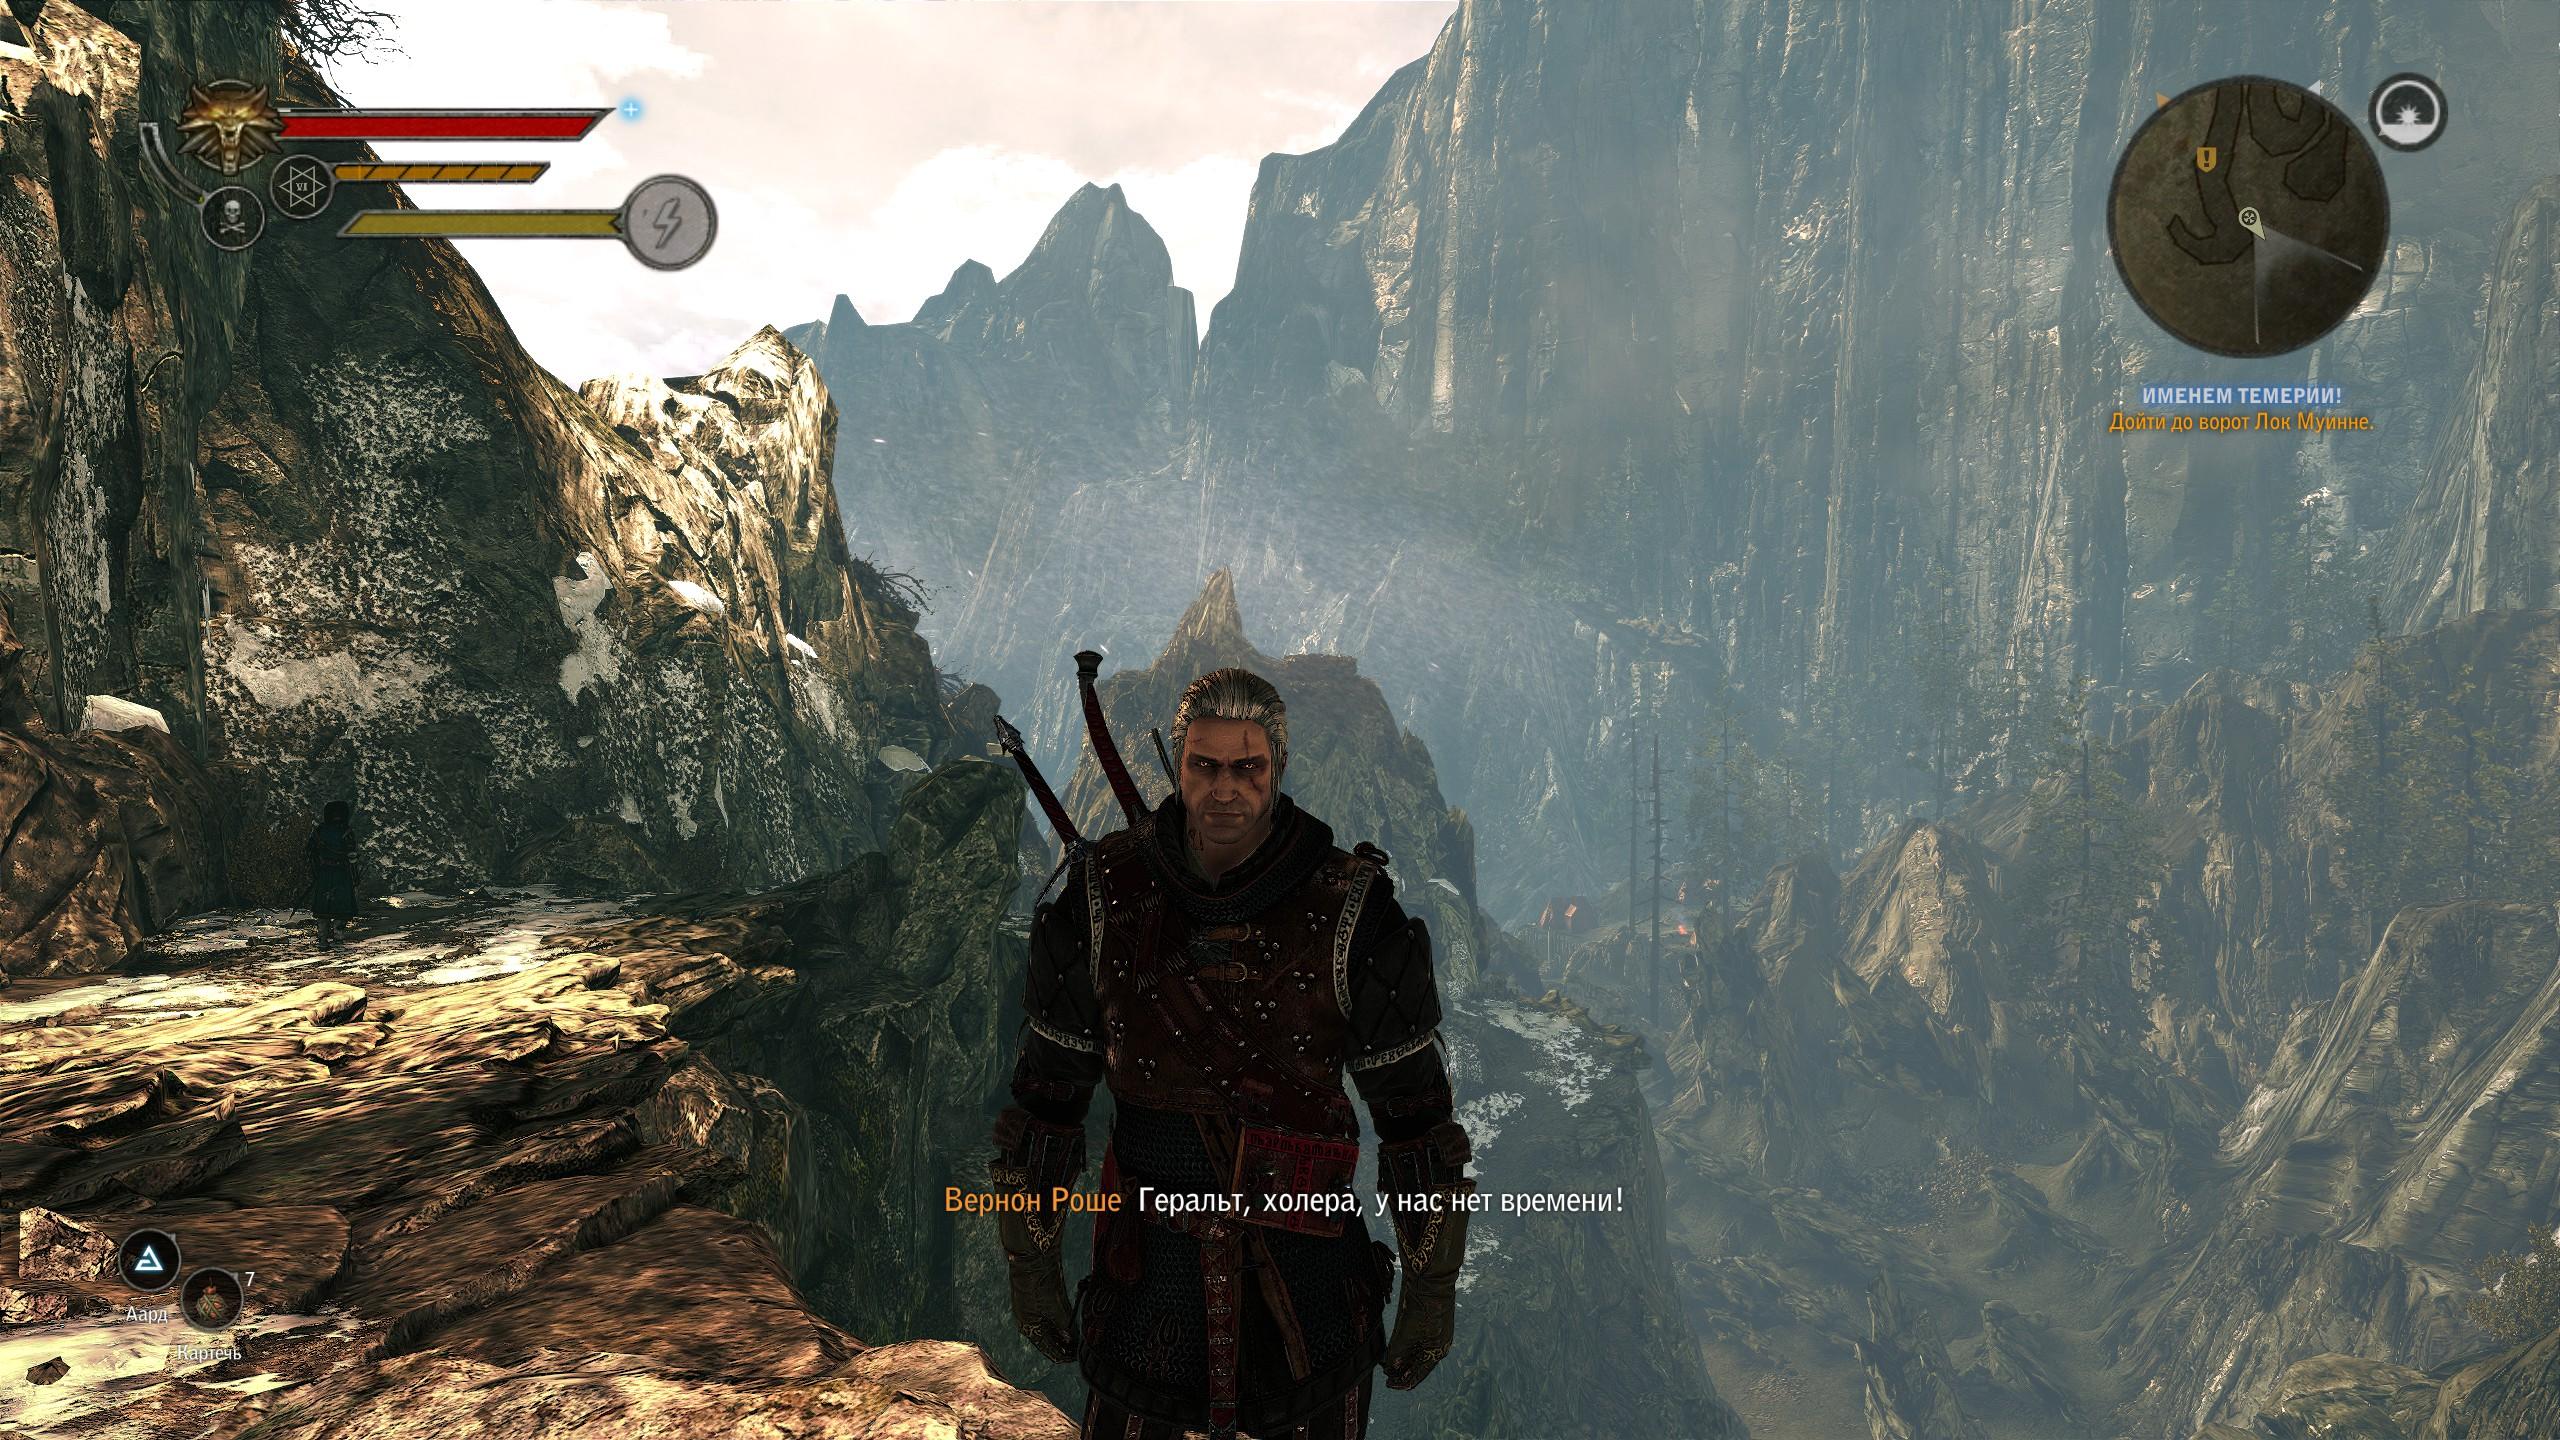 Тю, уже и сфоткаться нельзя... - Witcher 2: Assassins of Kings, the